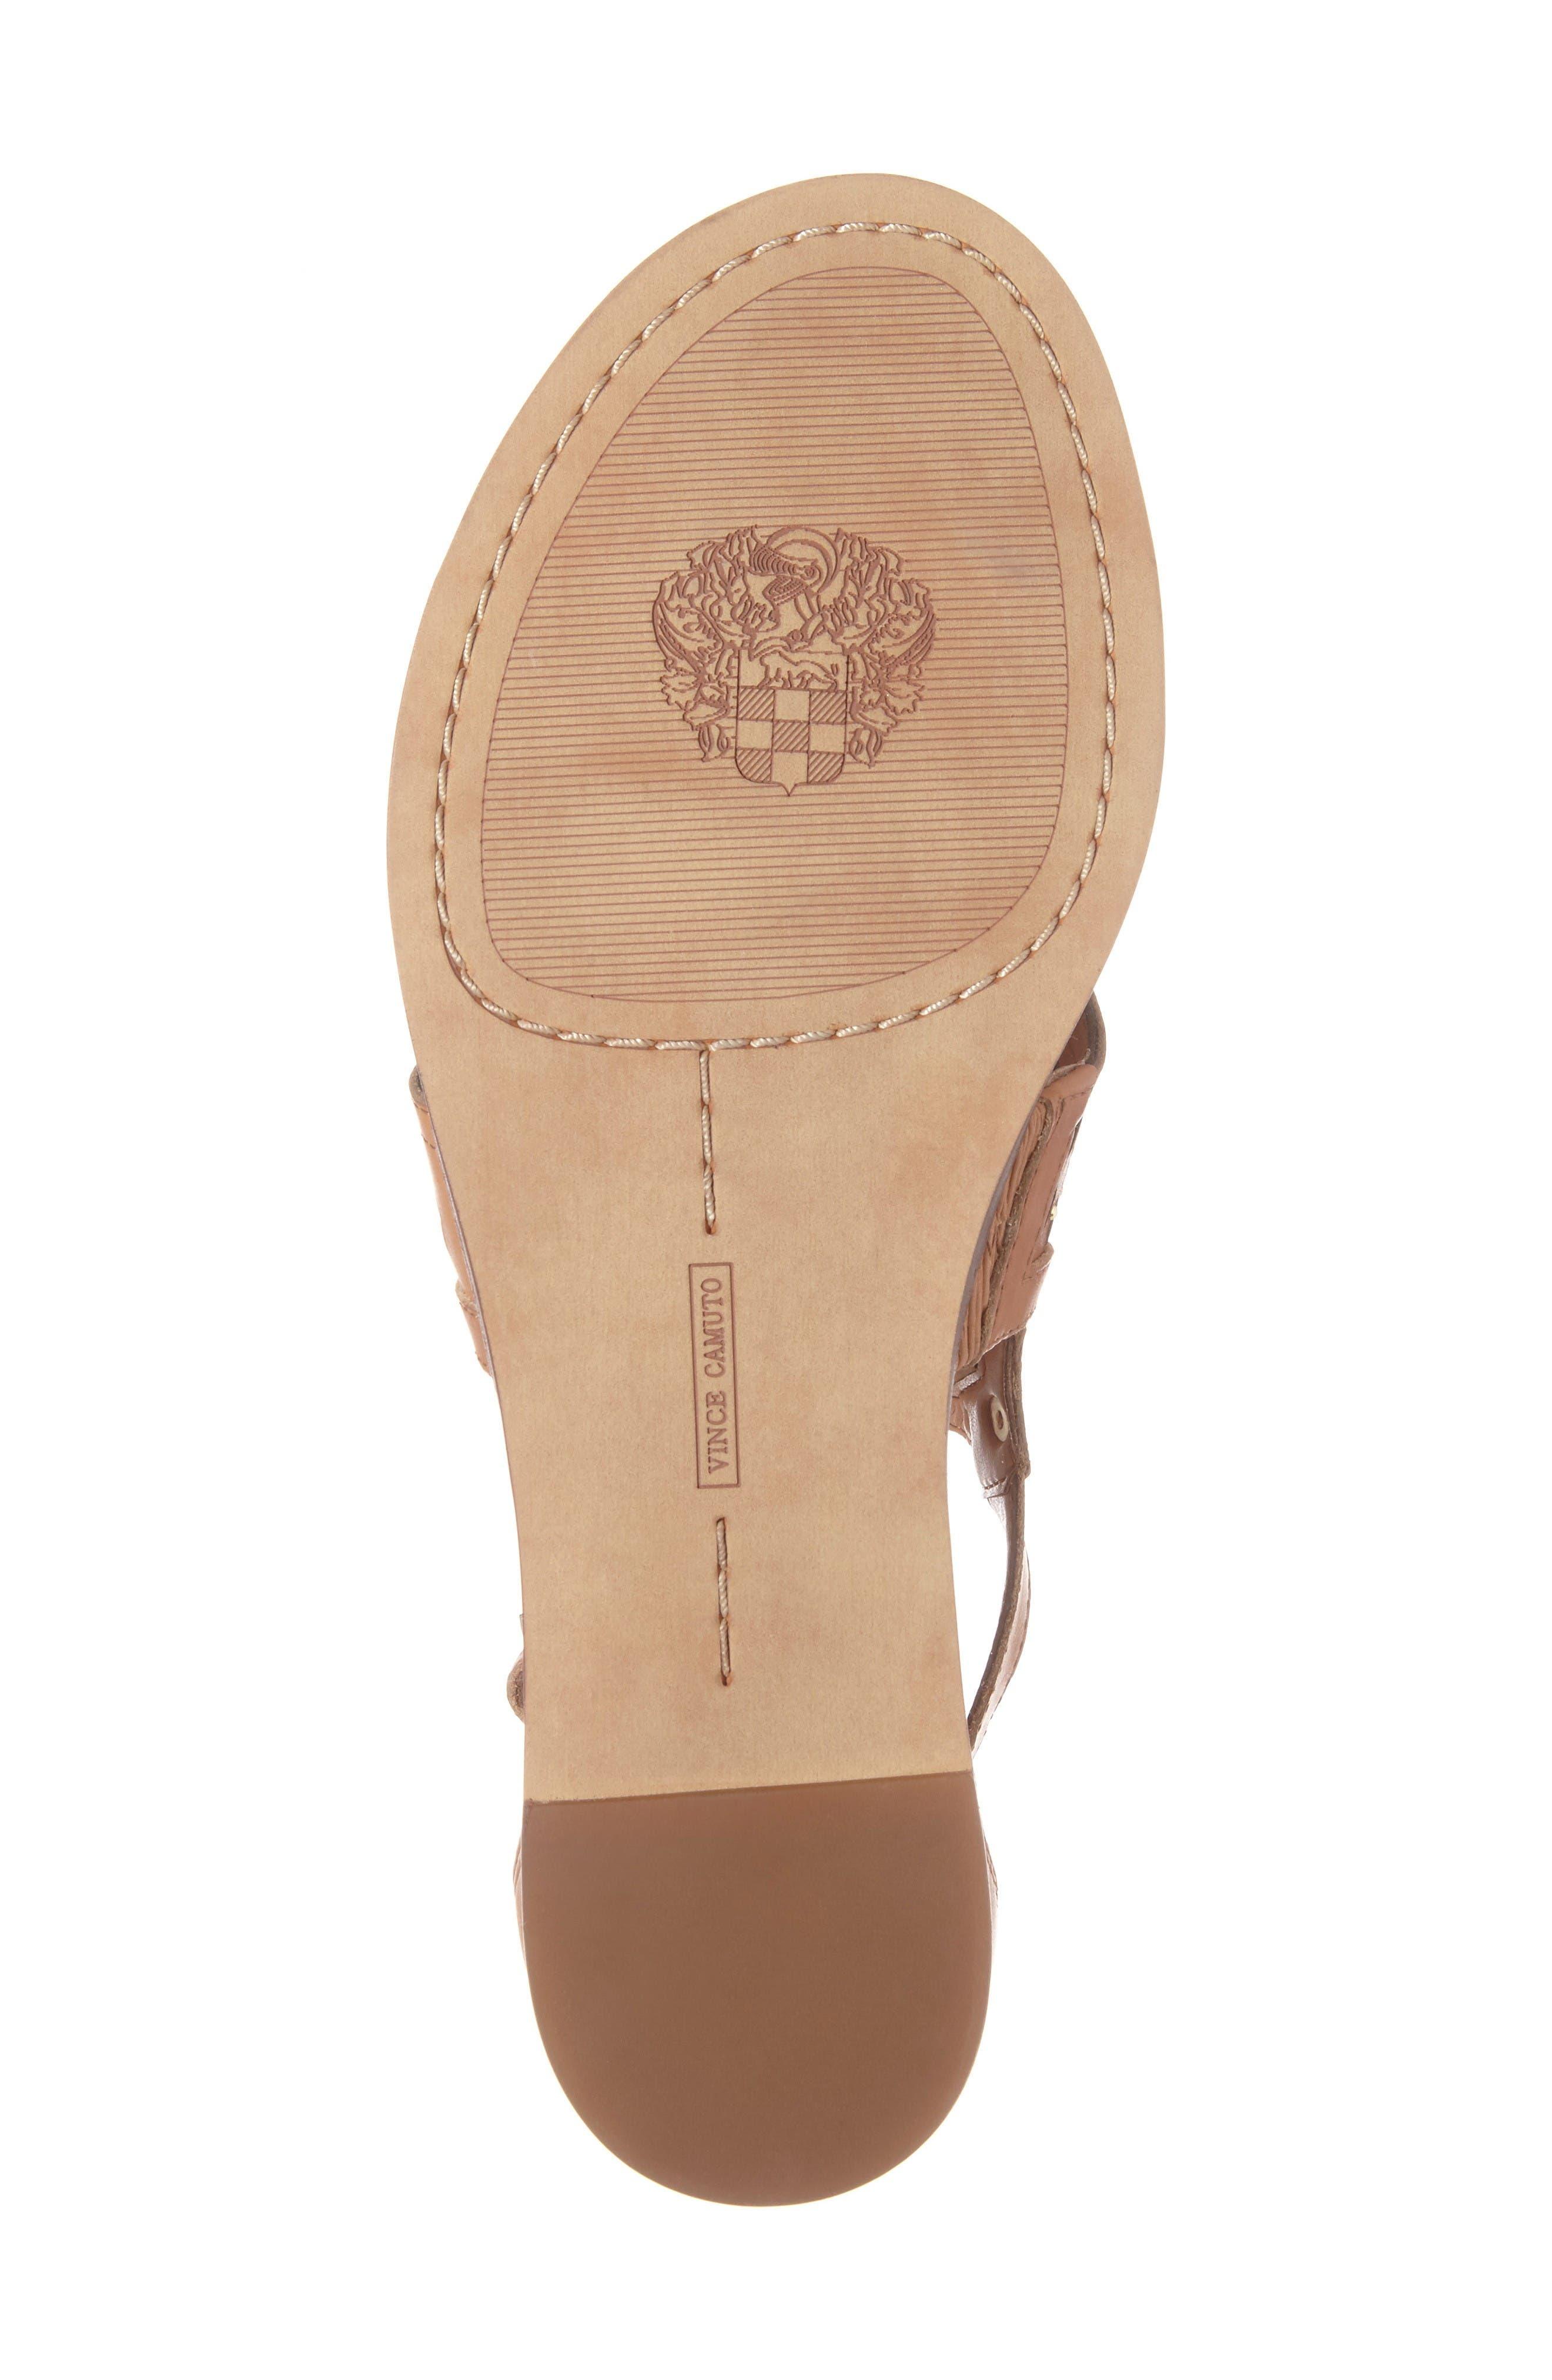 Sitara Sandal,                             Alternate thumbnail 6, color,                             Peanut Leather